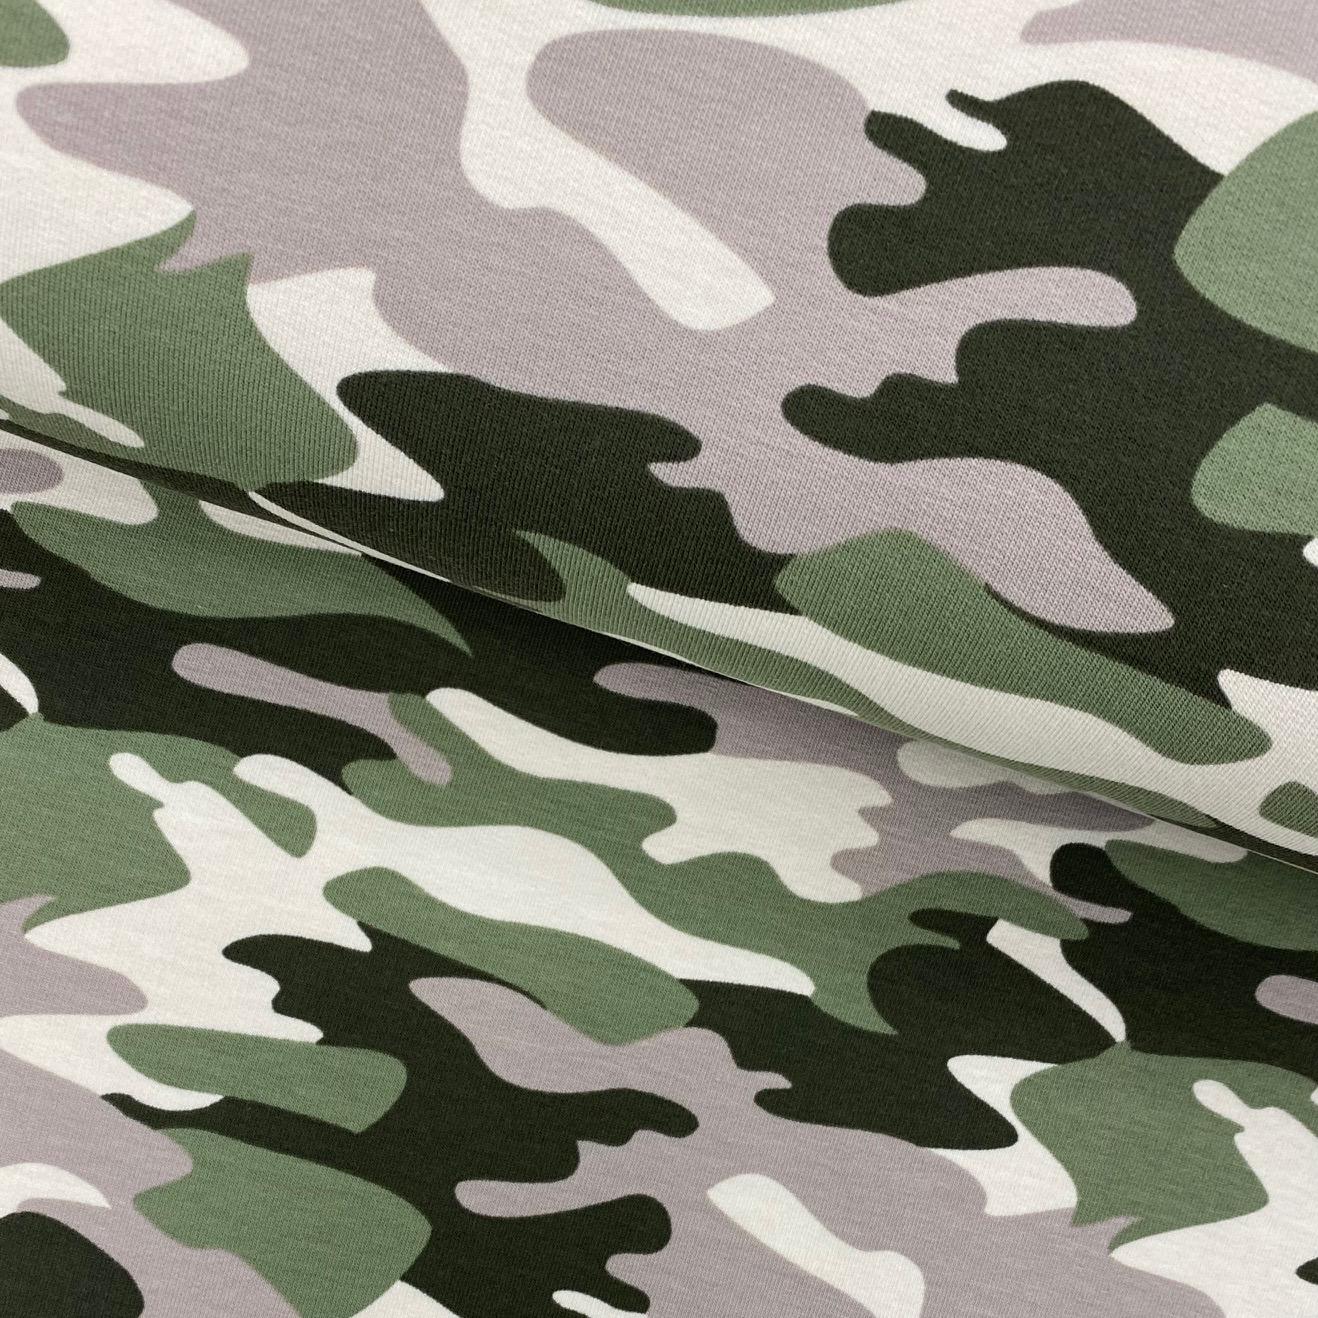 Sweat French Terry, angeraut, Camouflage olivgrün/beige.  Art. 4979-1553